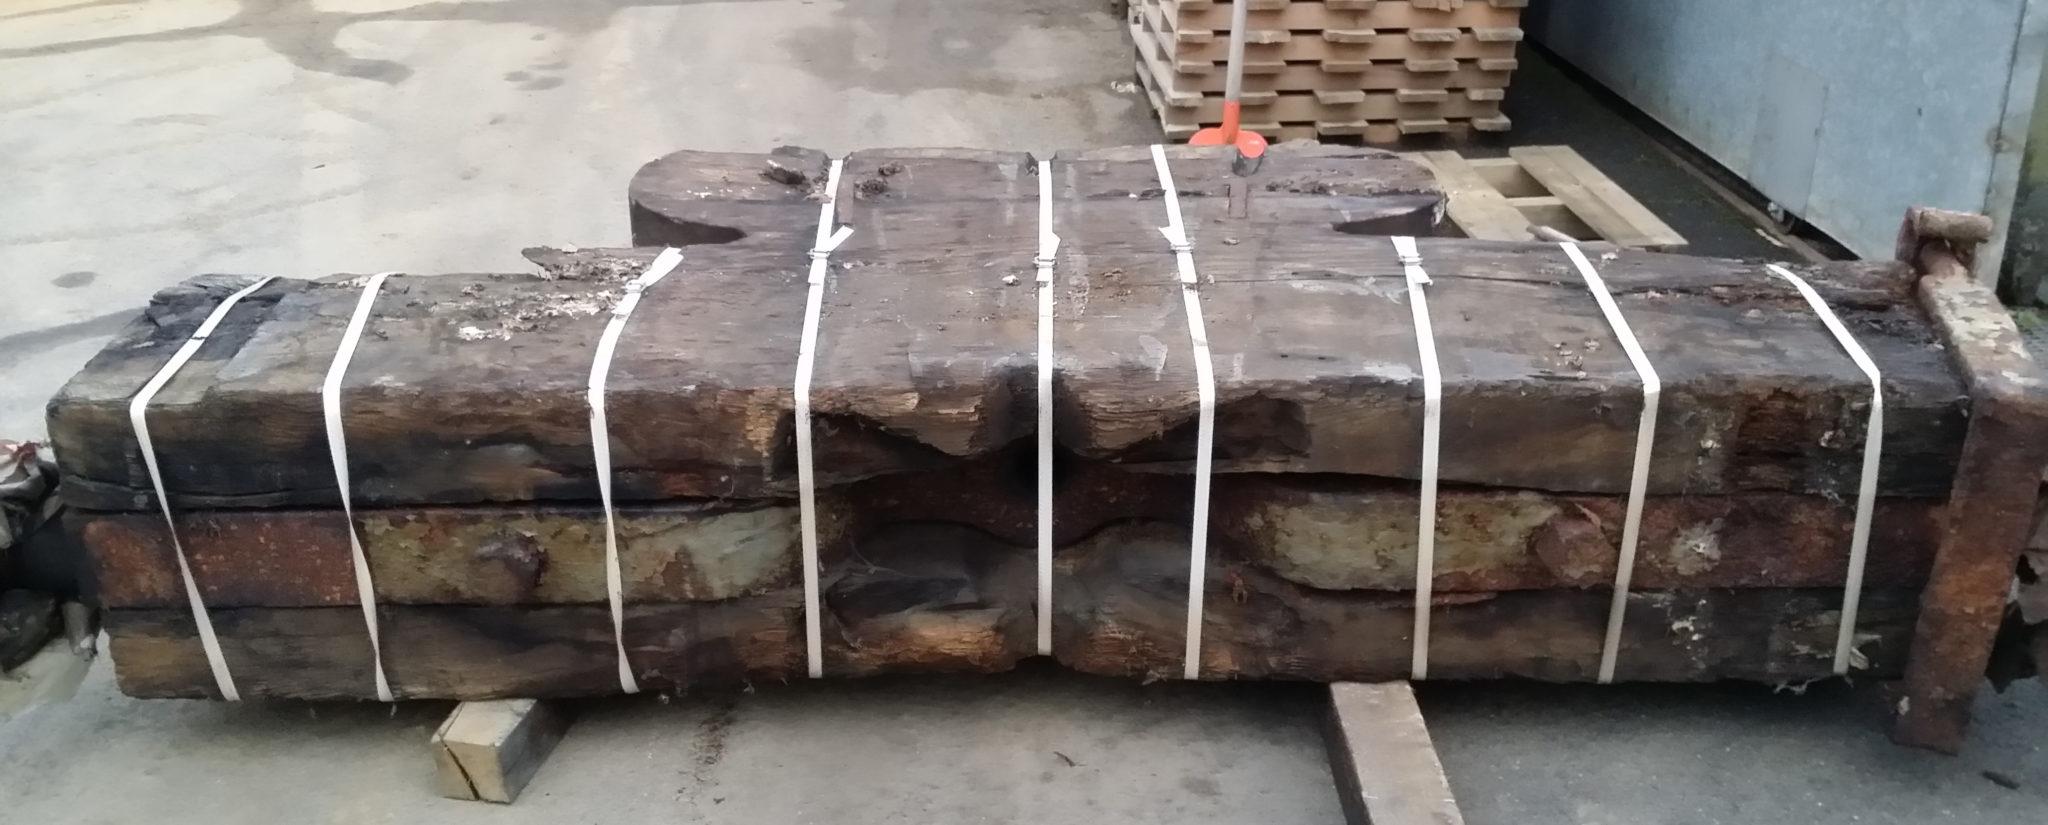 Holzplanken, die zur Aufhängung der Glocke dienten